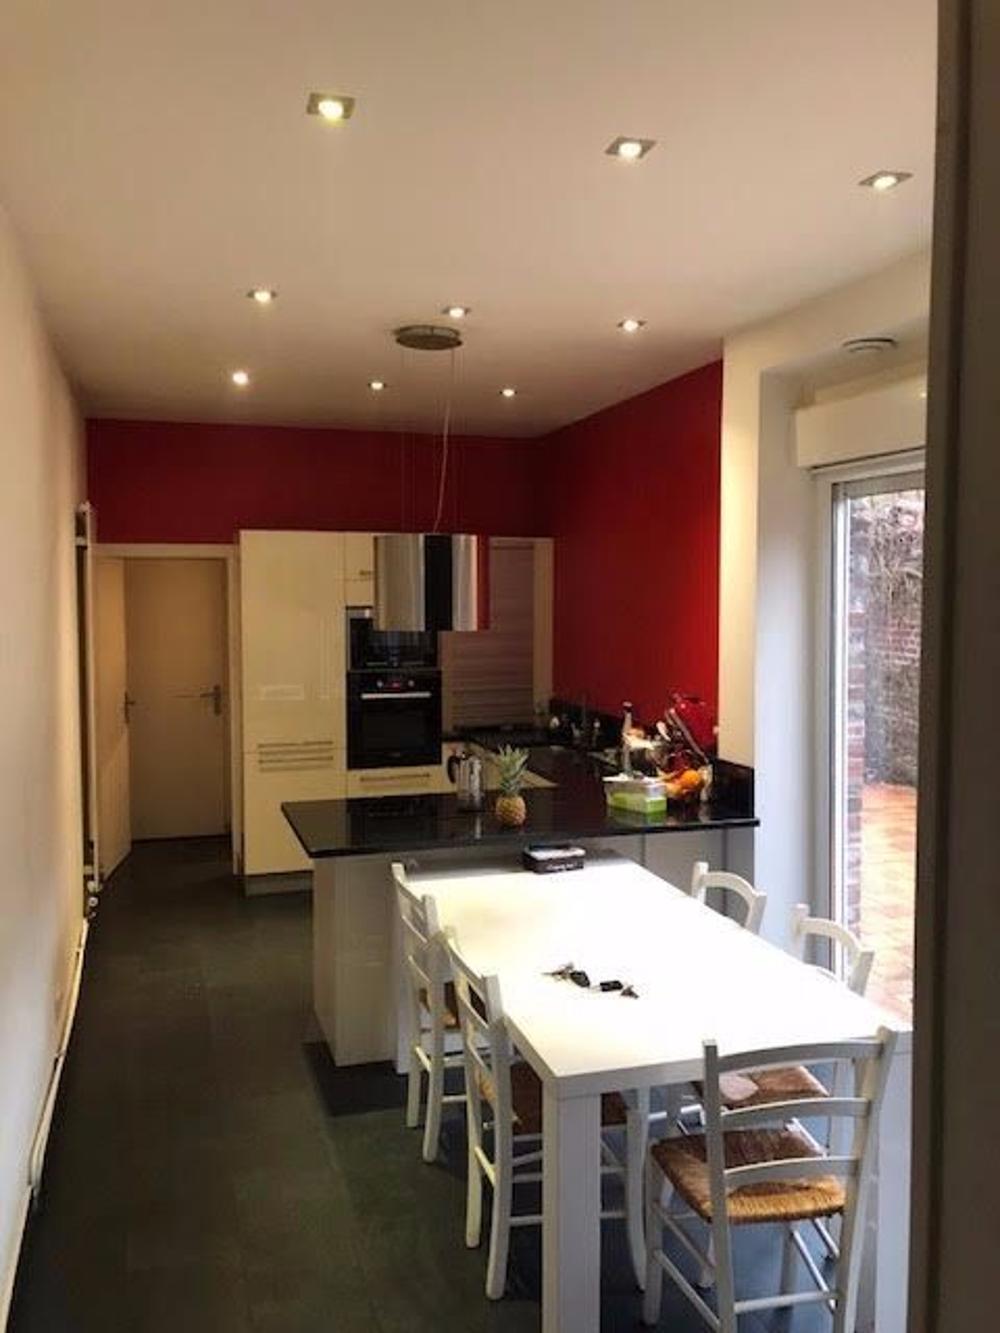 Aix Nord Haus Bild 3464584